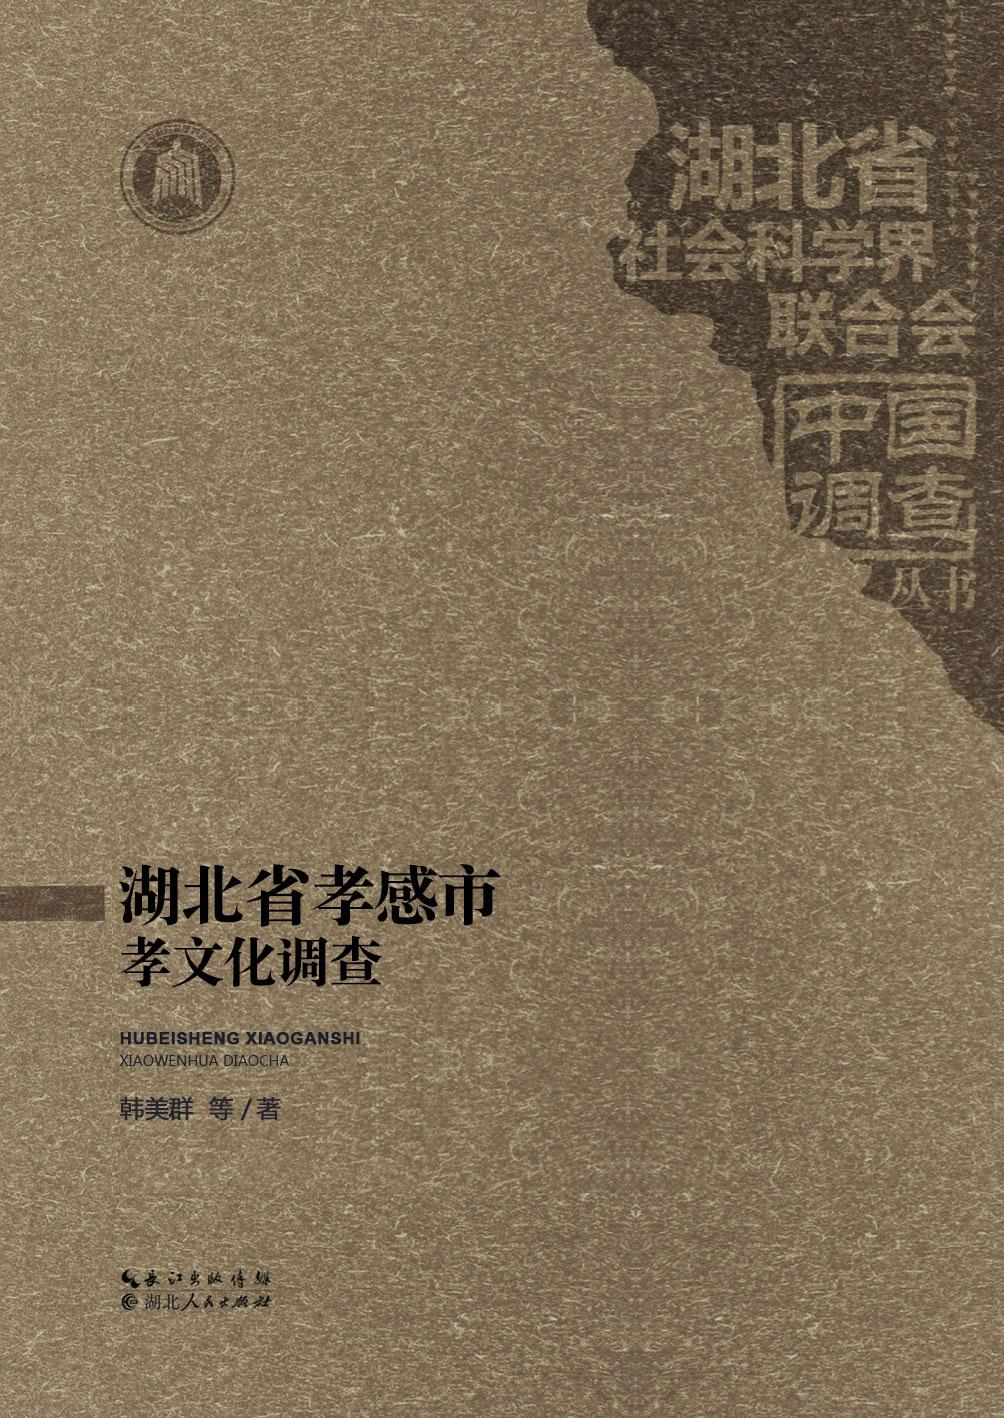 湖北省孝感市孝文化调查